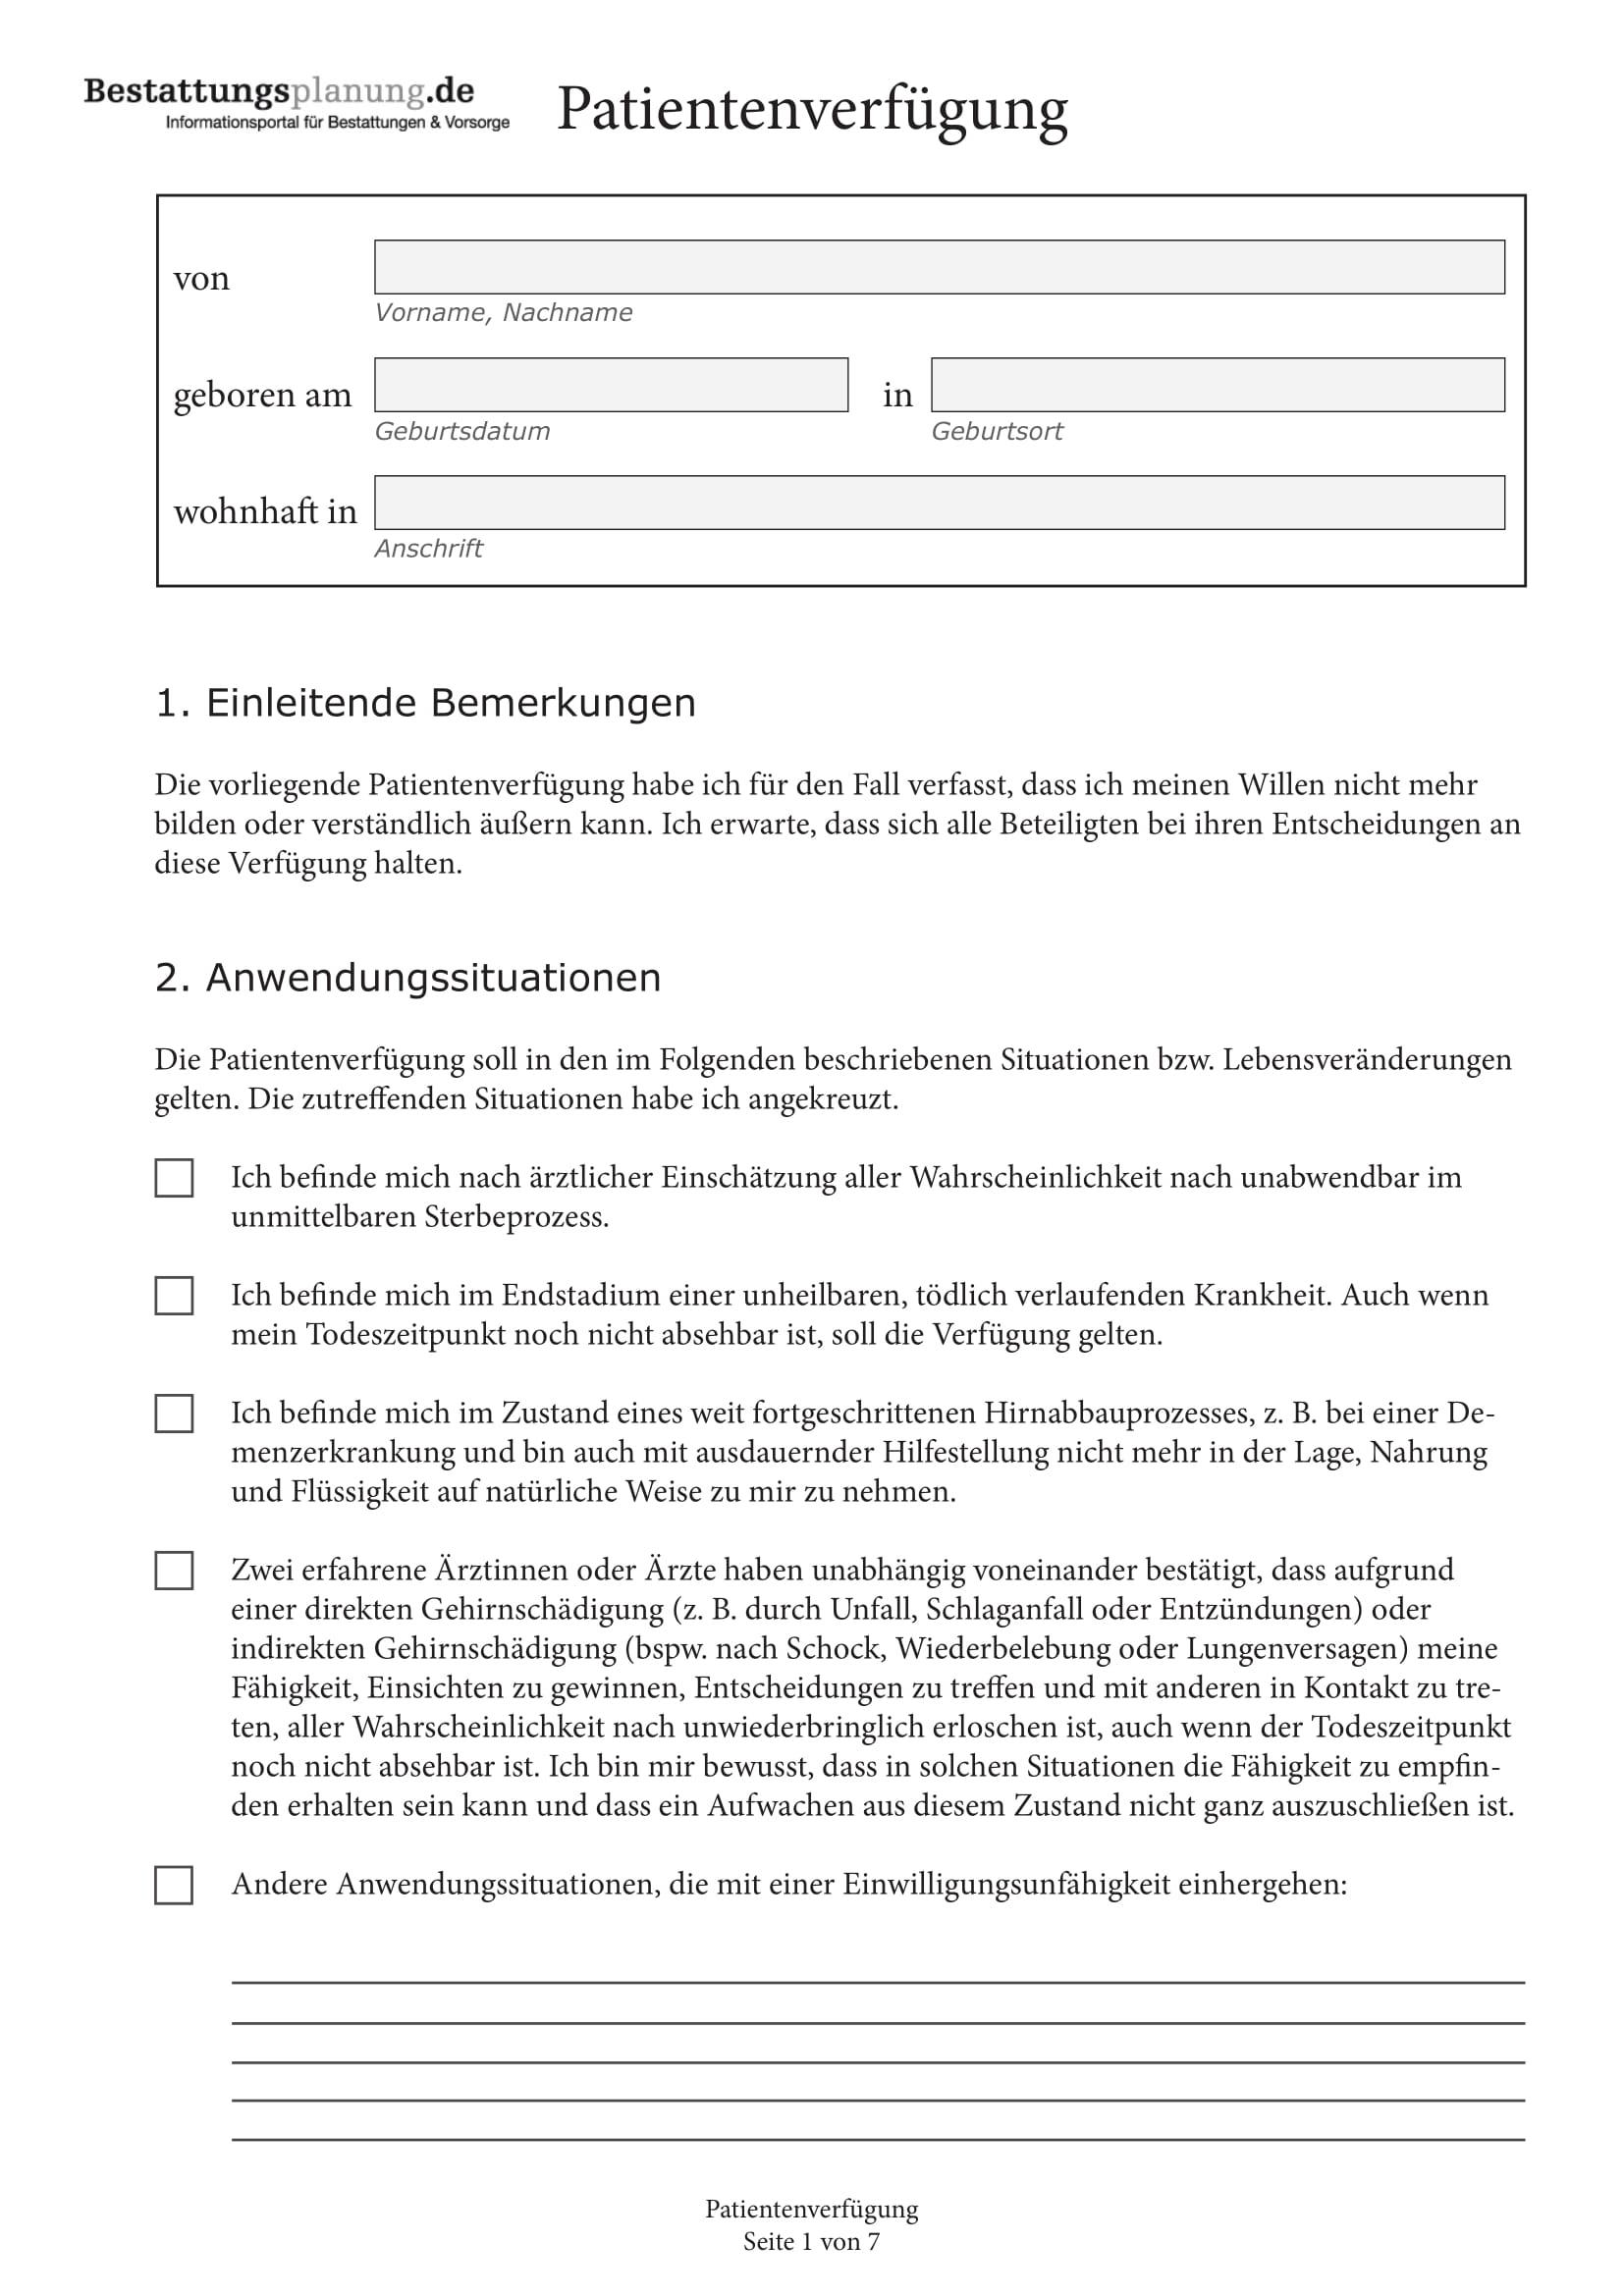 Kostenloses Muster für eine Patientenverfügung - Vorlage zum Download